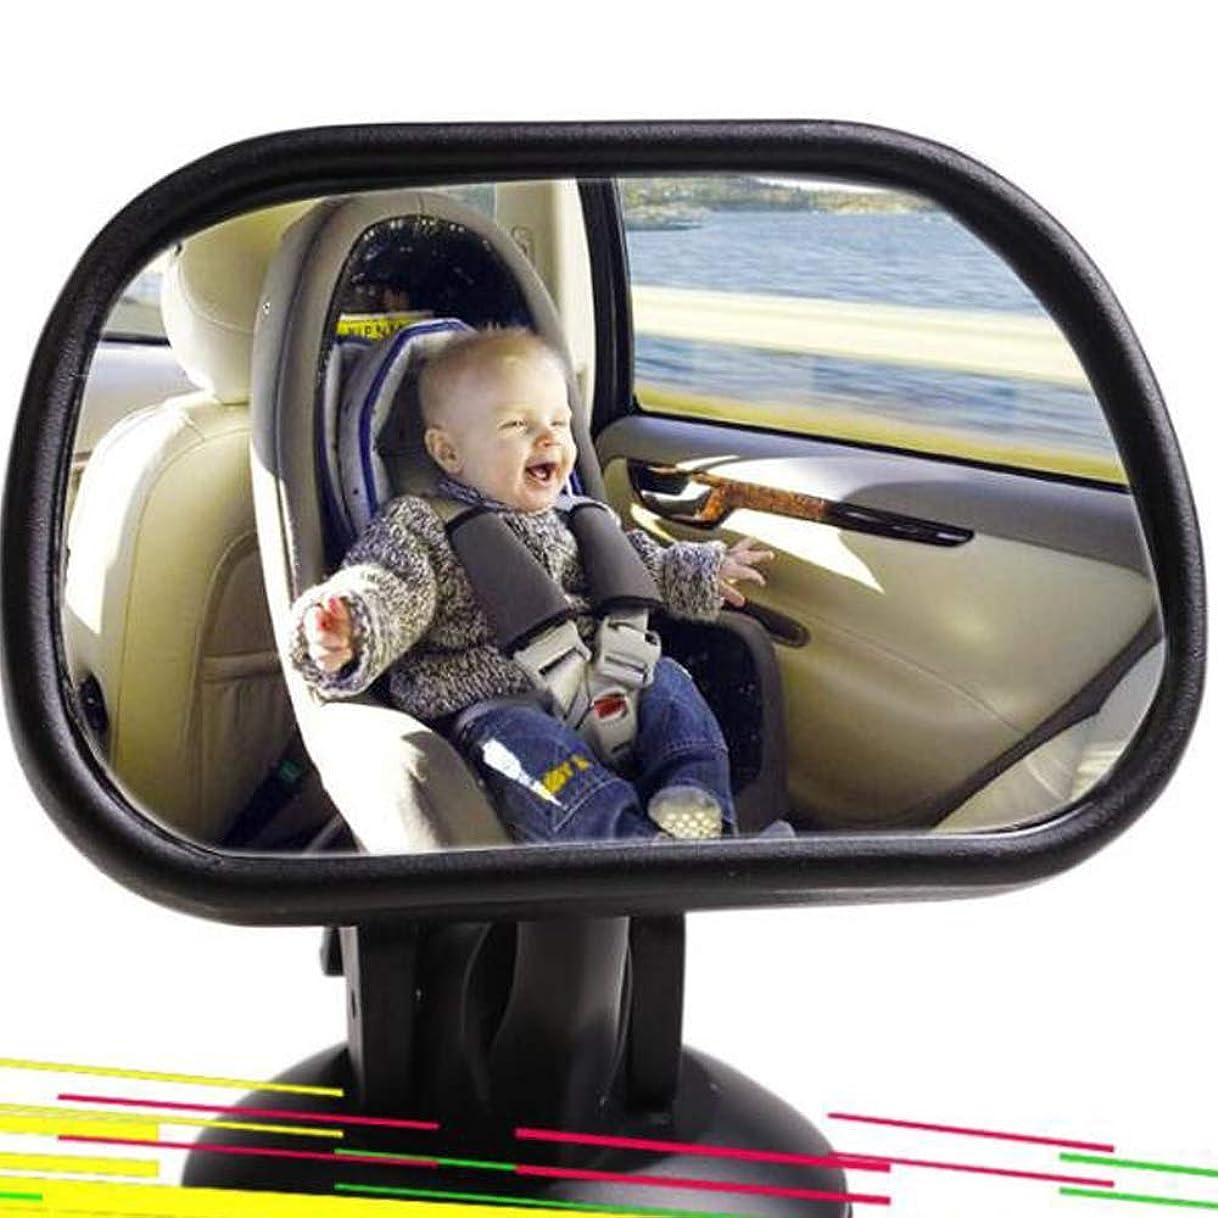 九スープモディッシュ車用 ベビーミラー インサイトミラー 角度?方向調節可能 吸盤&クリップ付 ミラー越しで後部座席大視野ミ